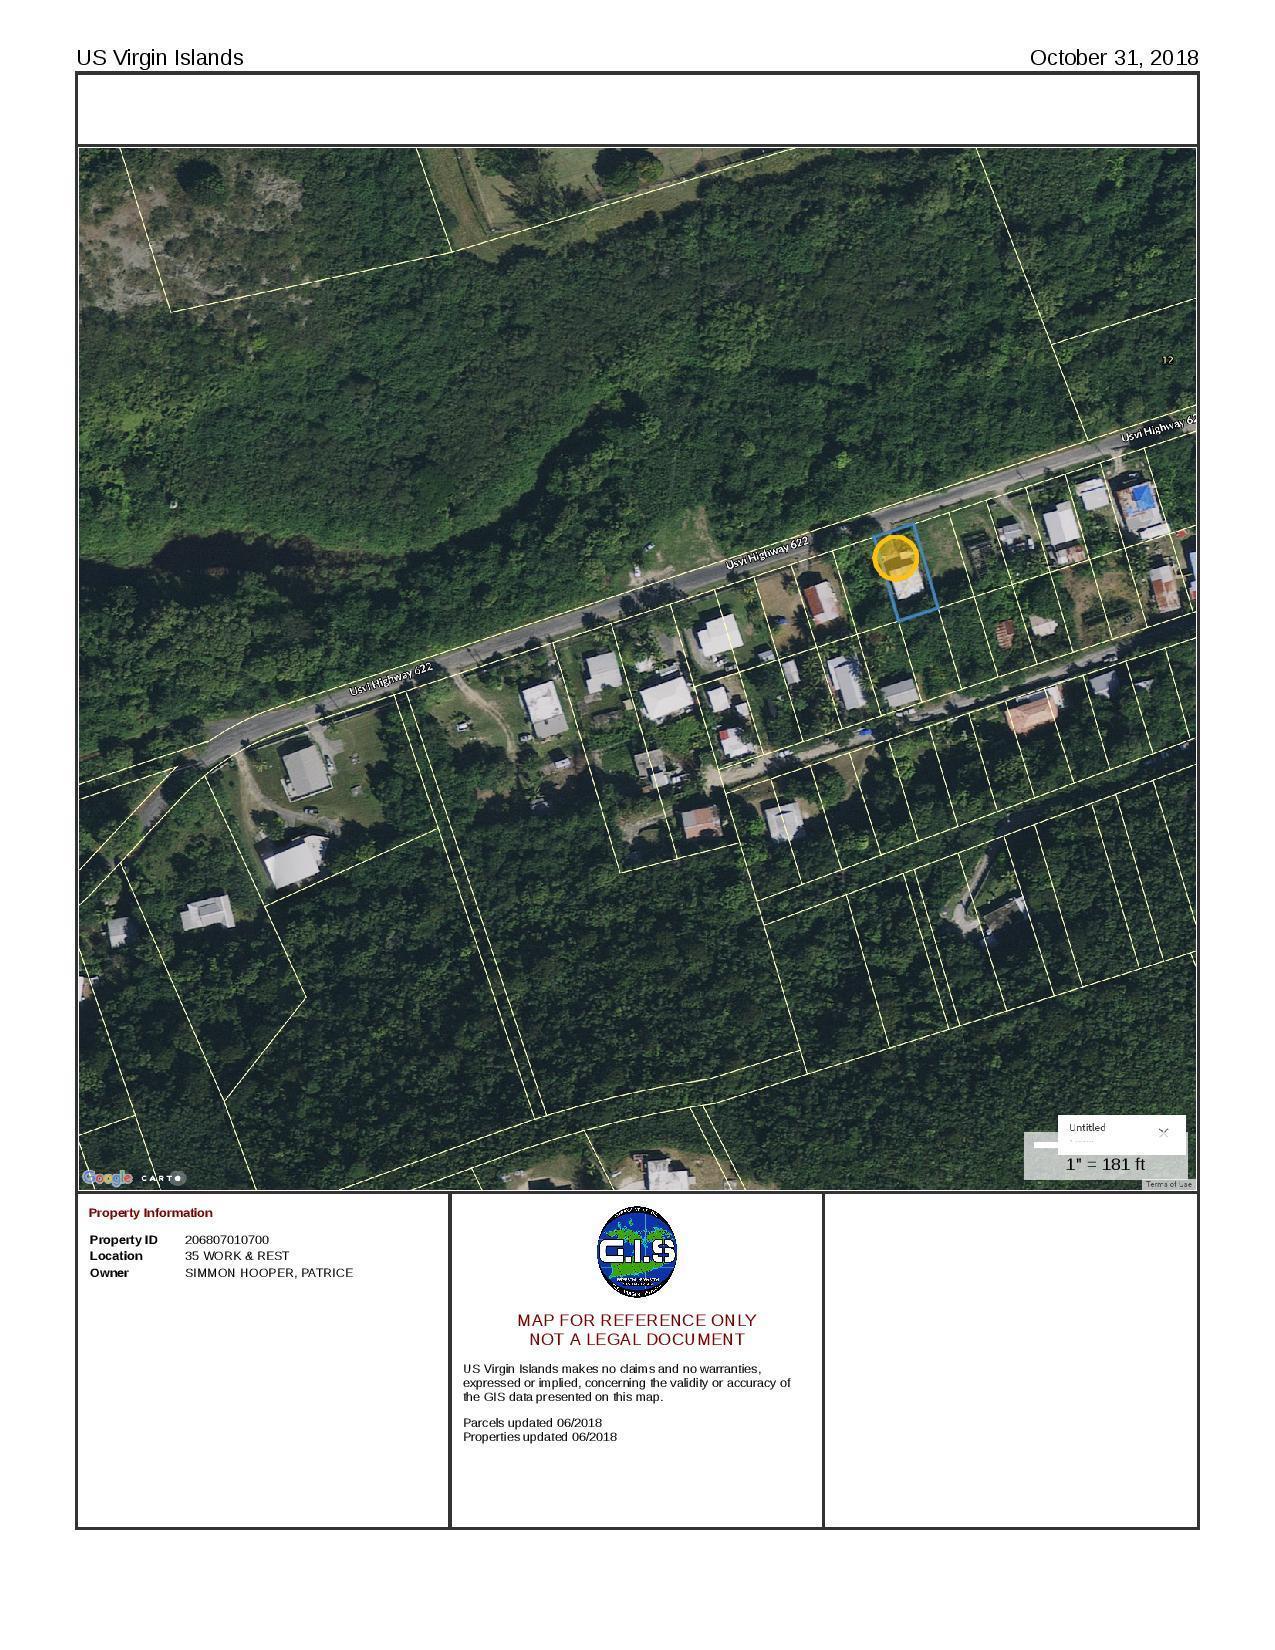 Land for Sale at 35 Work & Rest CO 35 Work & Rest CO St Croix, Virgin Islands 00820 United States Virgin Islands